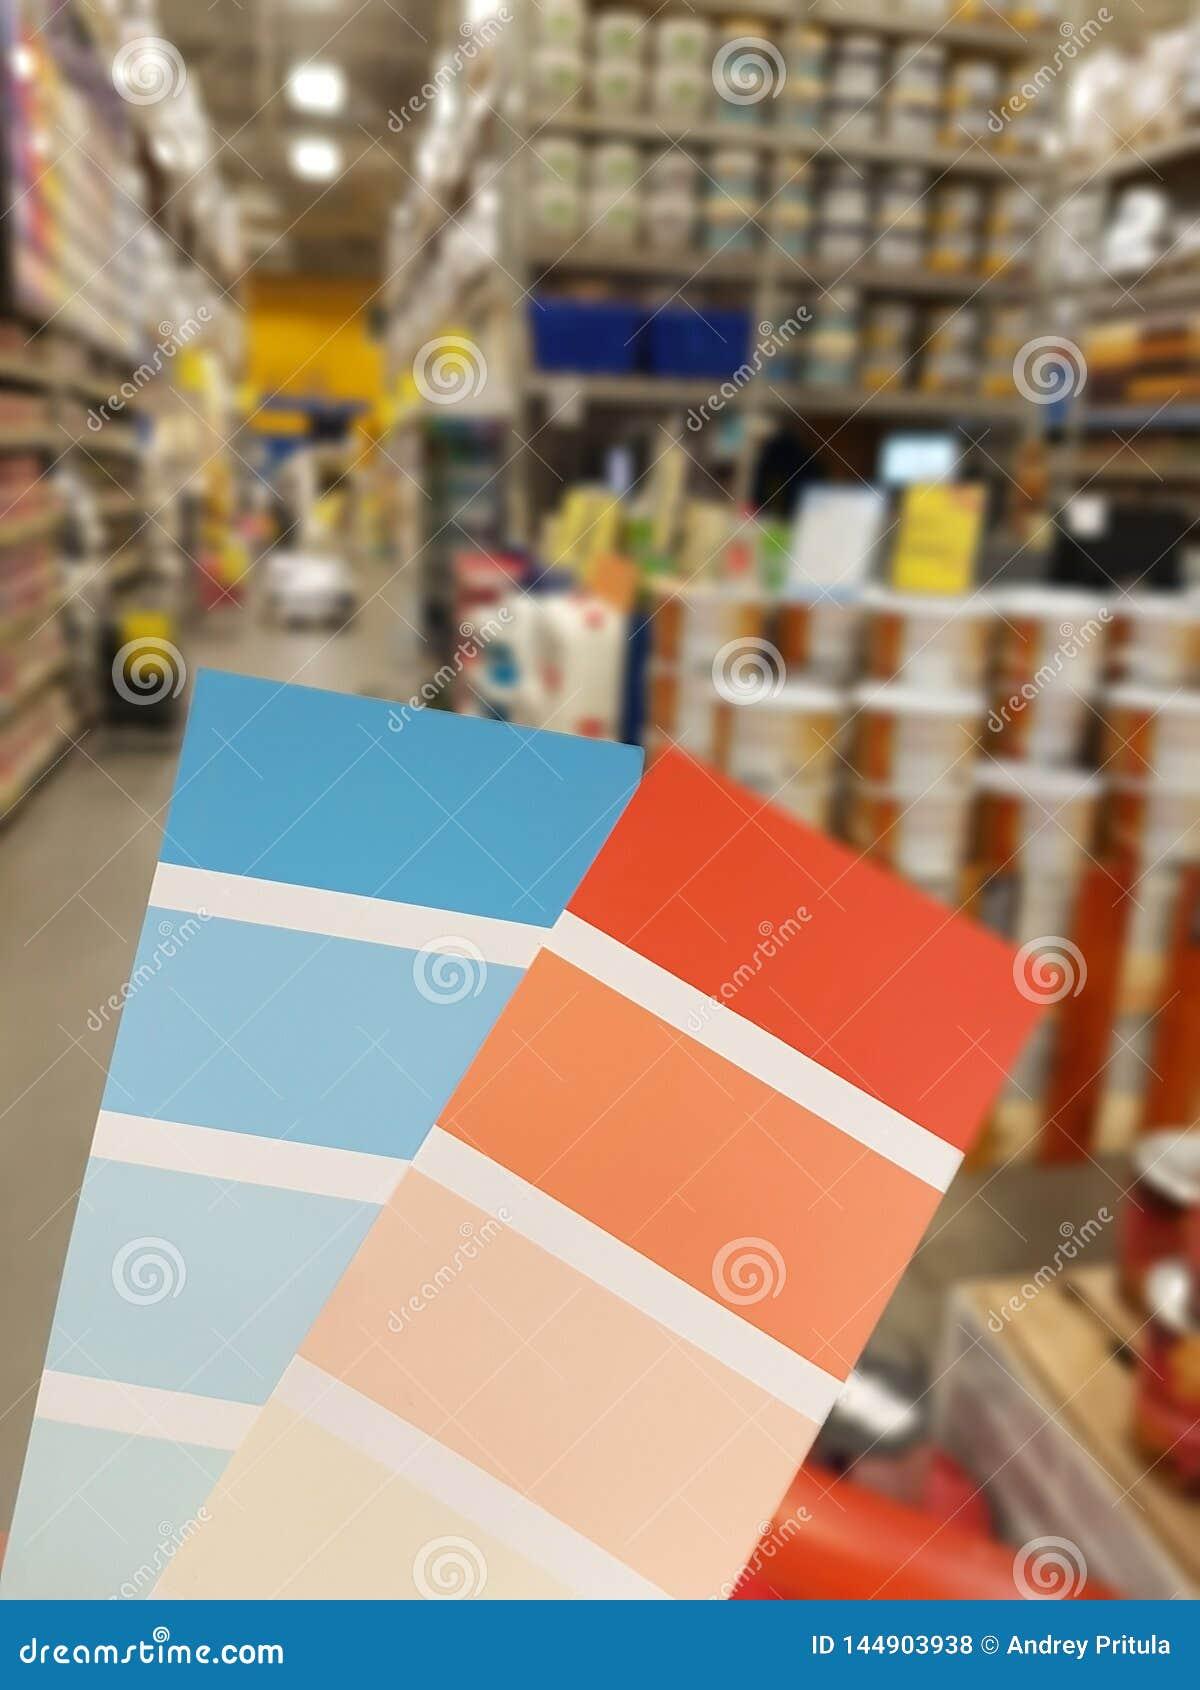 Beispielfarbenblau und -orange auf dem Hintergrund von Dosen Farbe